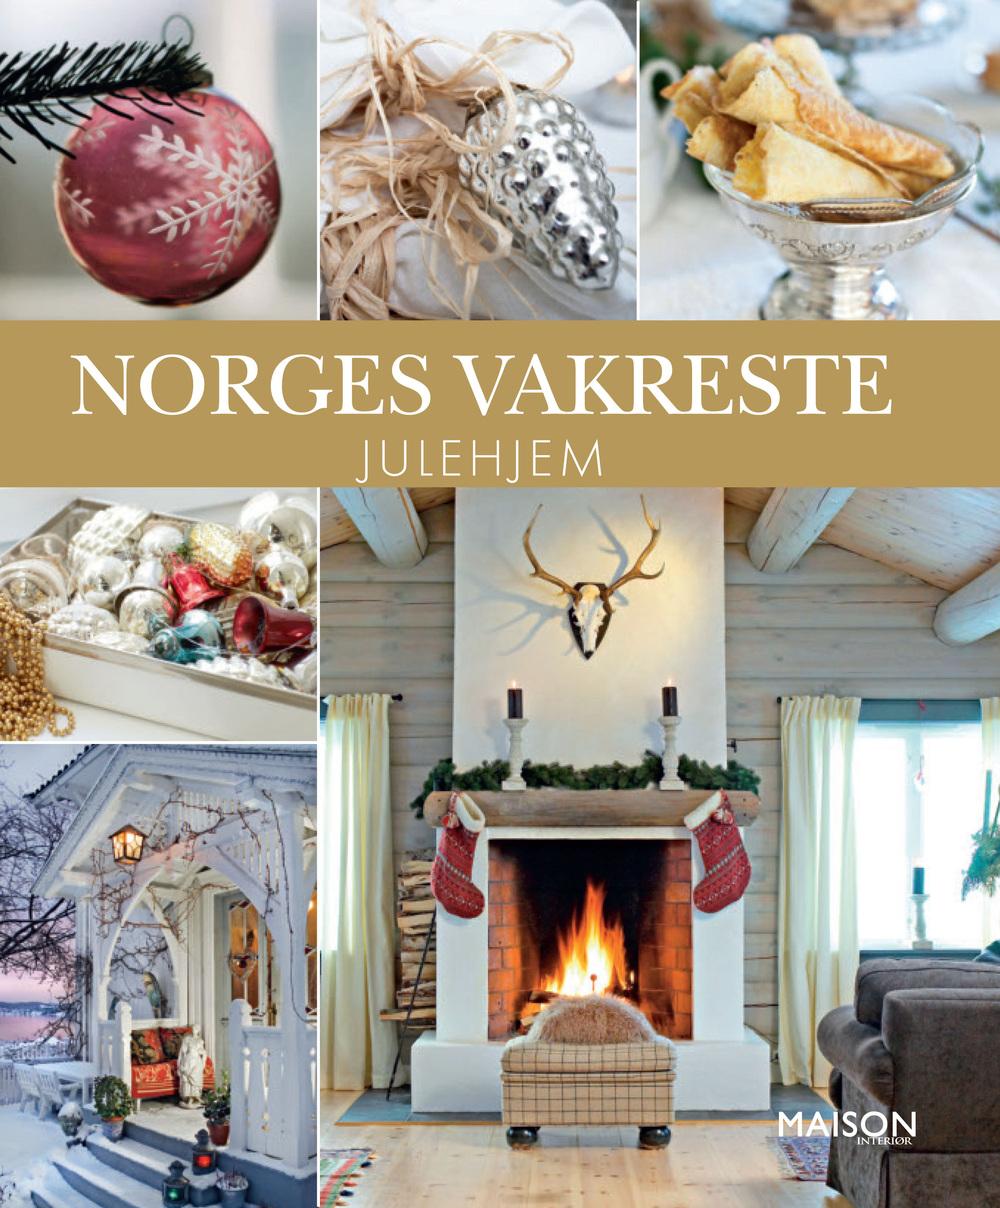 Norges_vakreste_julehjem_ho.jpg